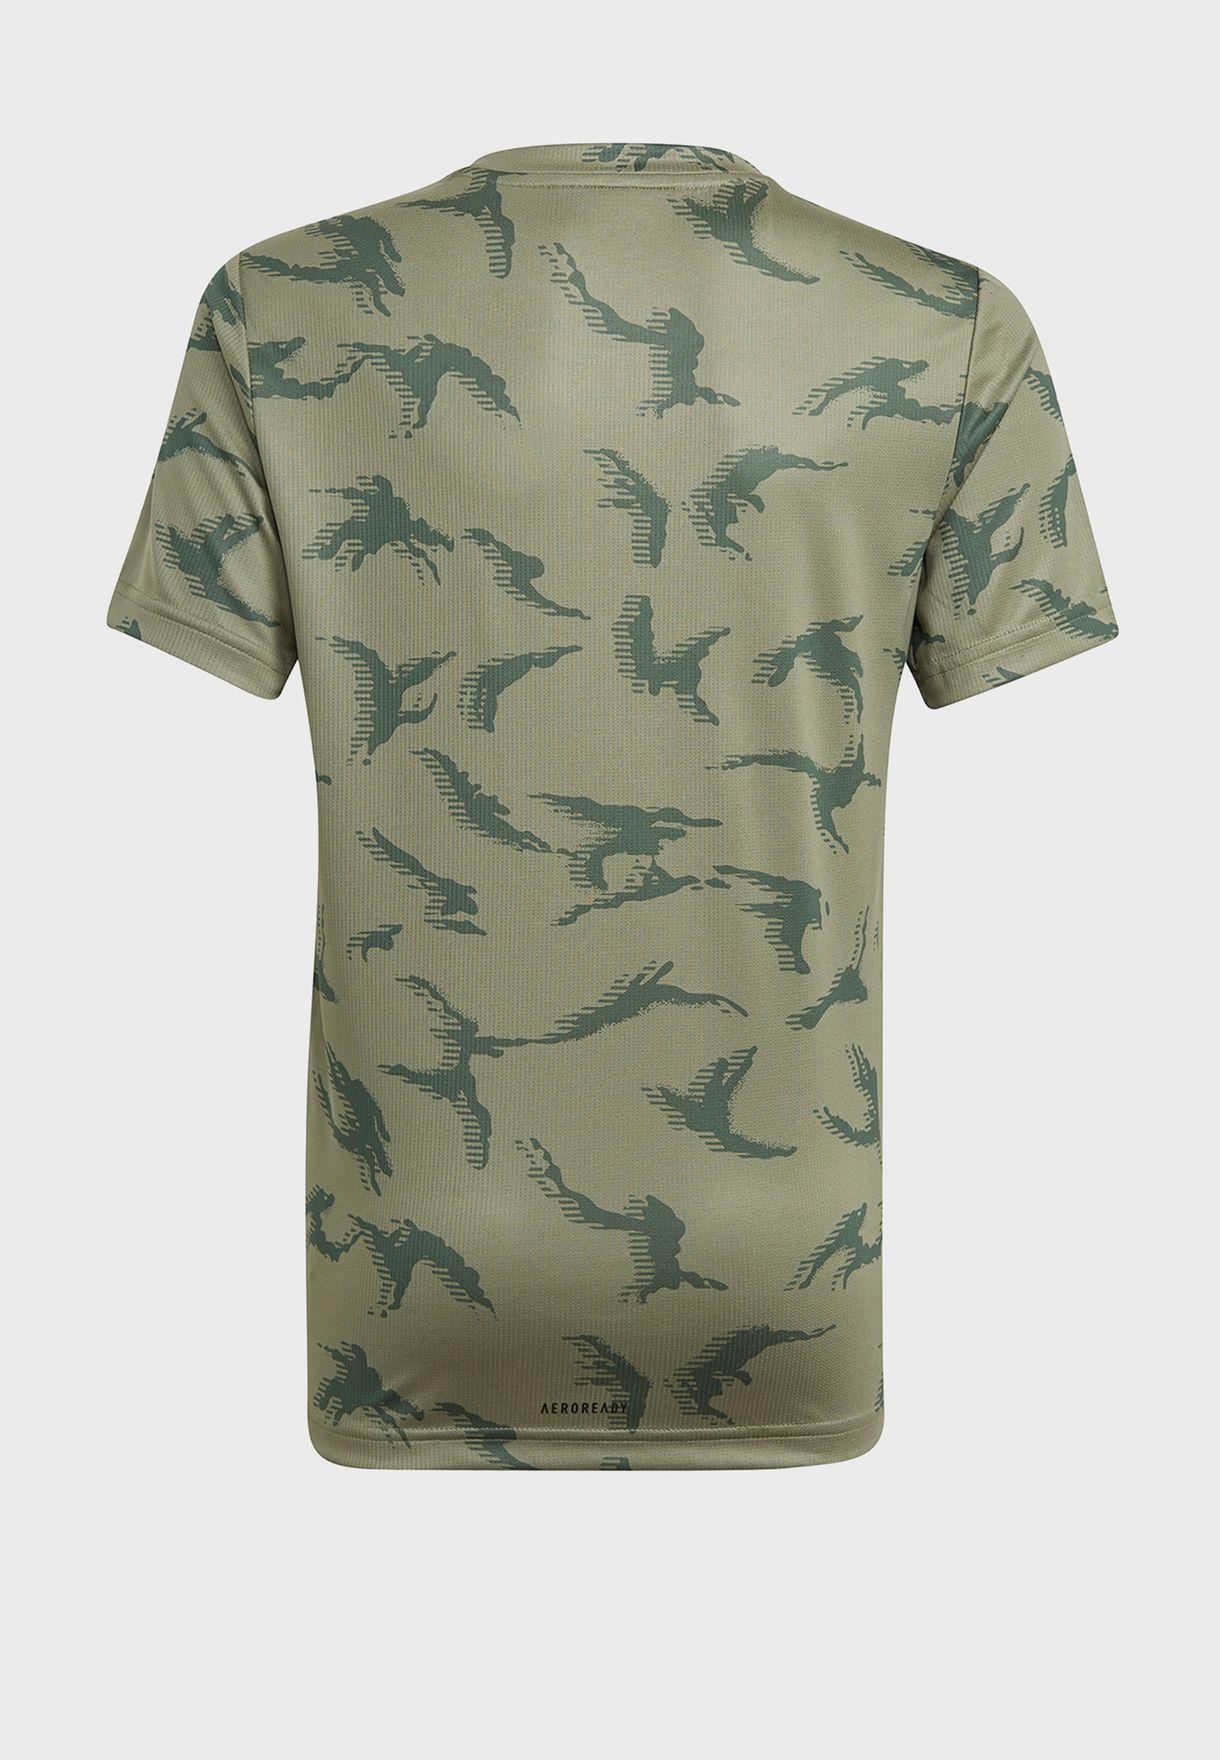 Youth Camo T-Shirt